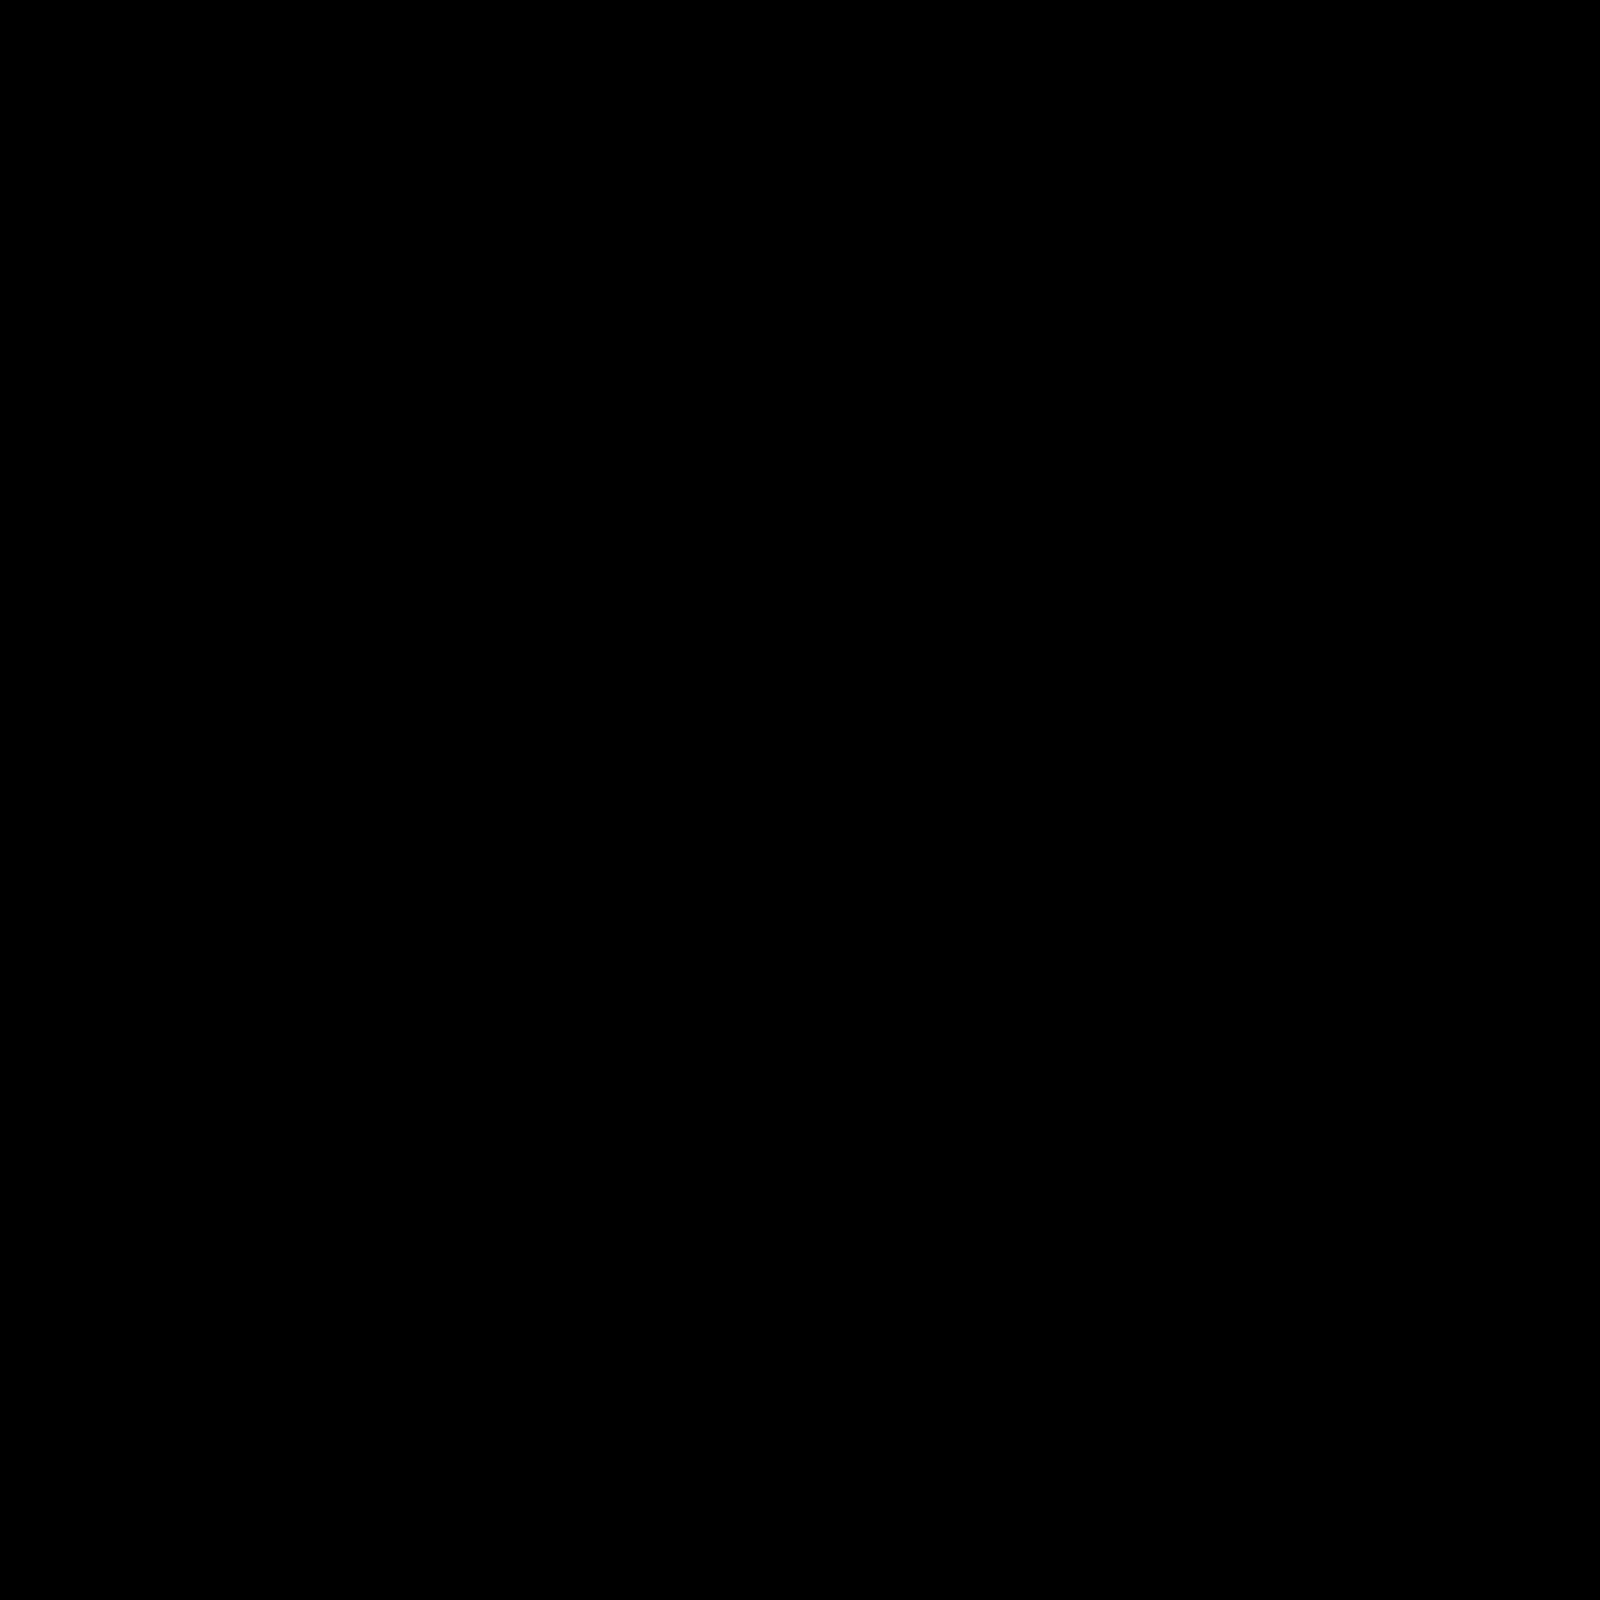 Cartella Archivio icon